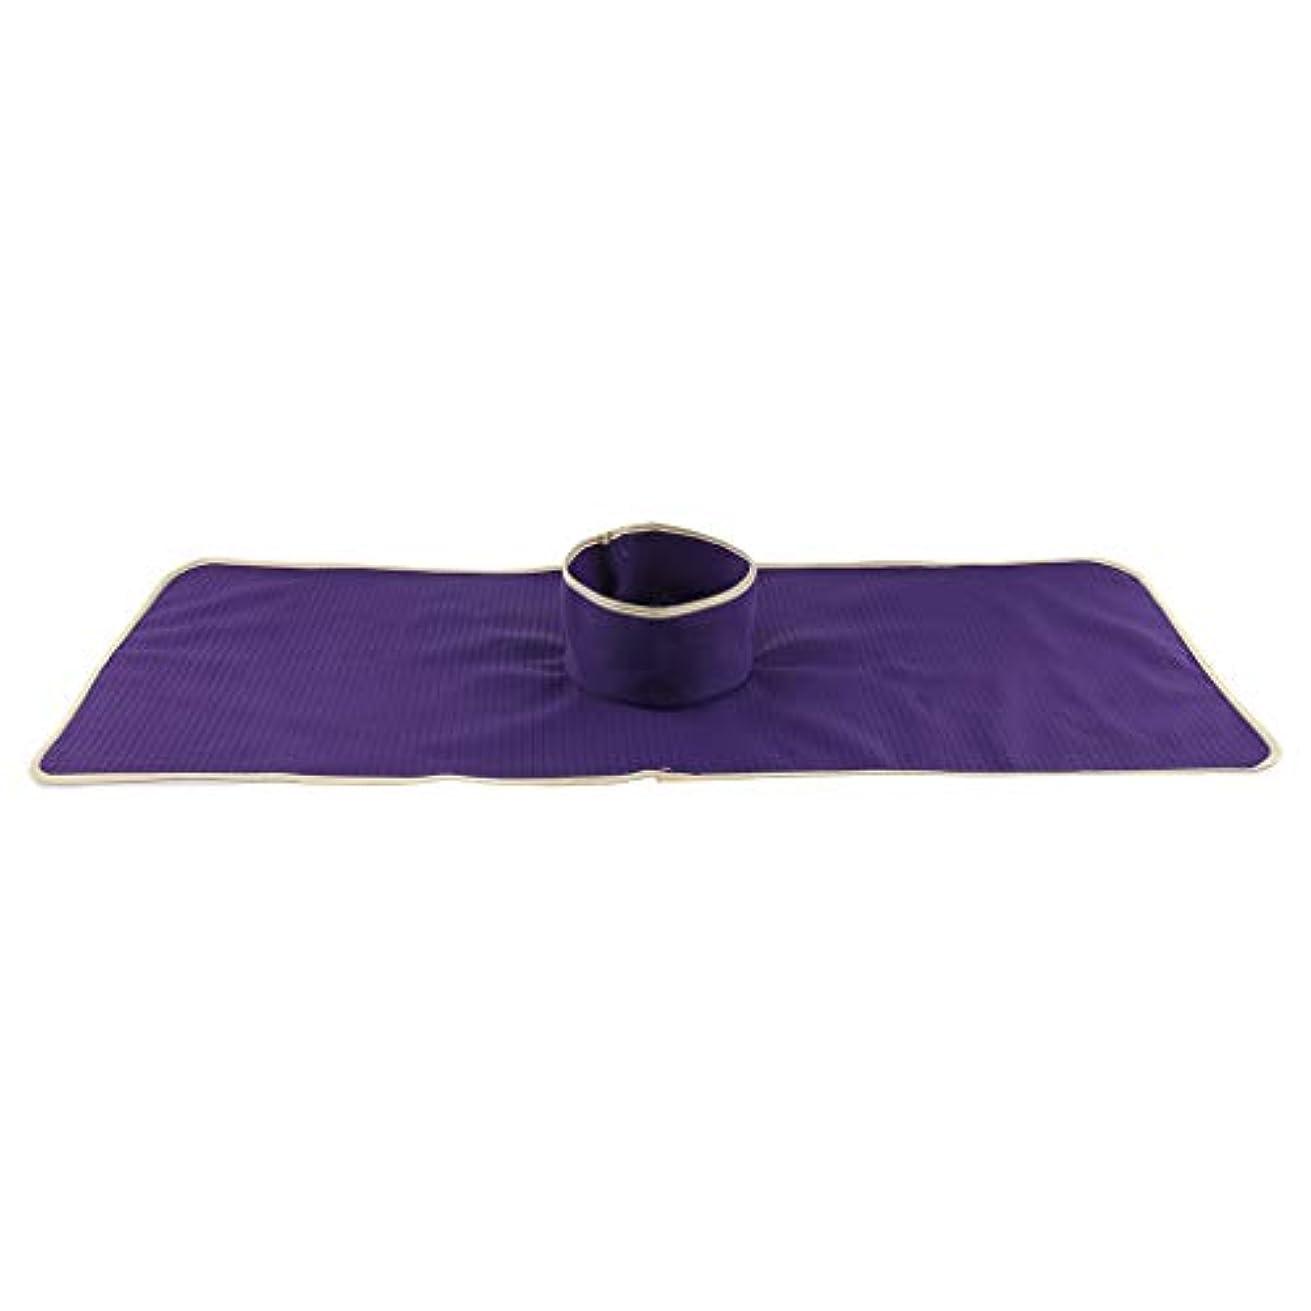 はぁうなり声怪物マッサージのベッド用 パッド マット 顔の穴付き 洗える 約90×35cm 全3色 - 紫